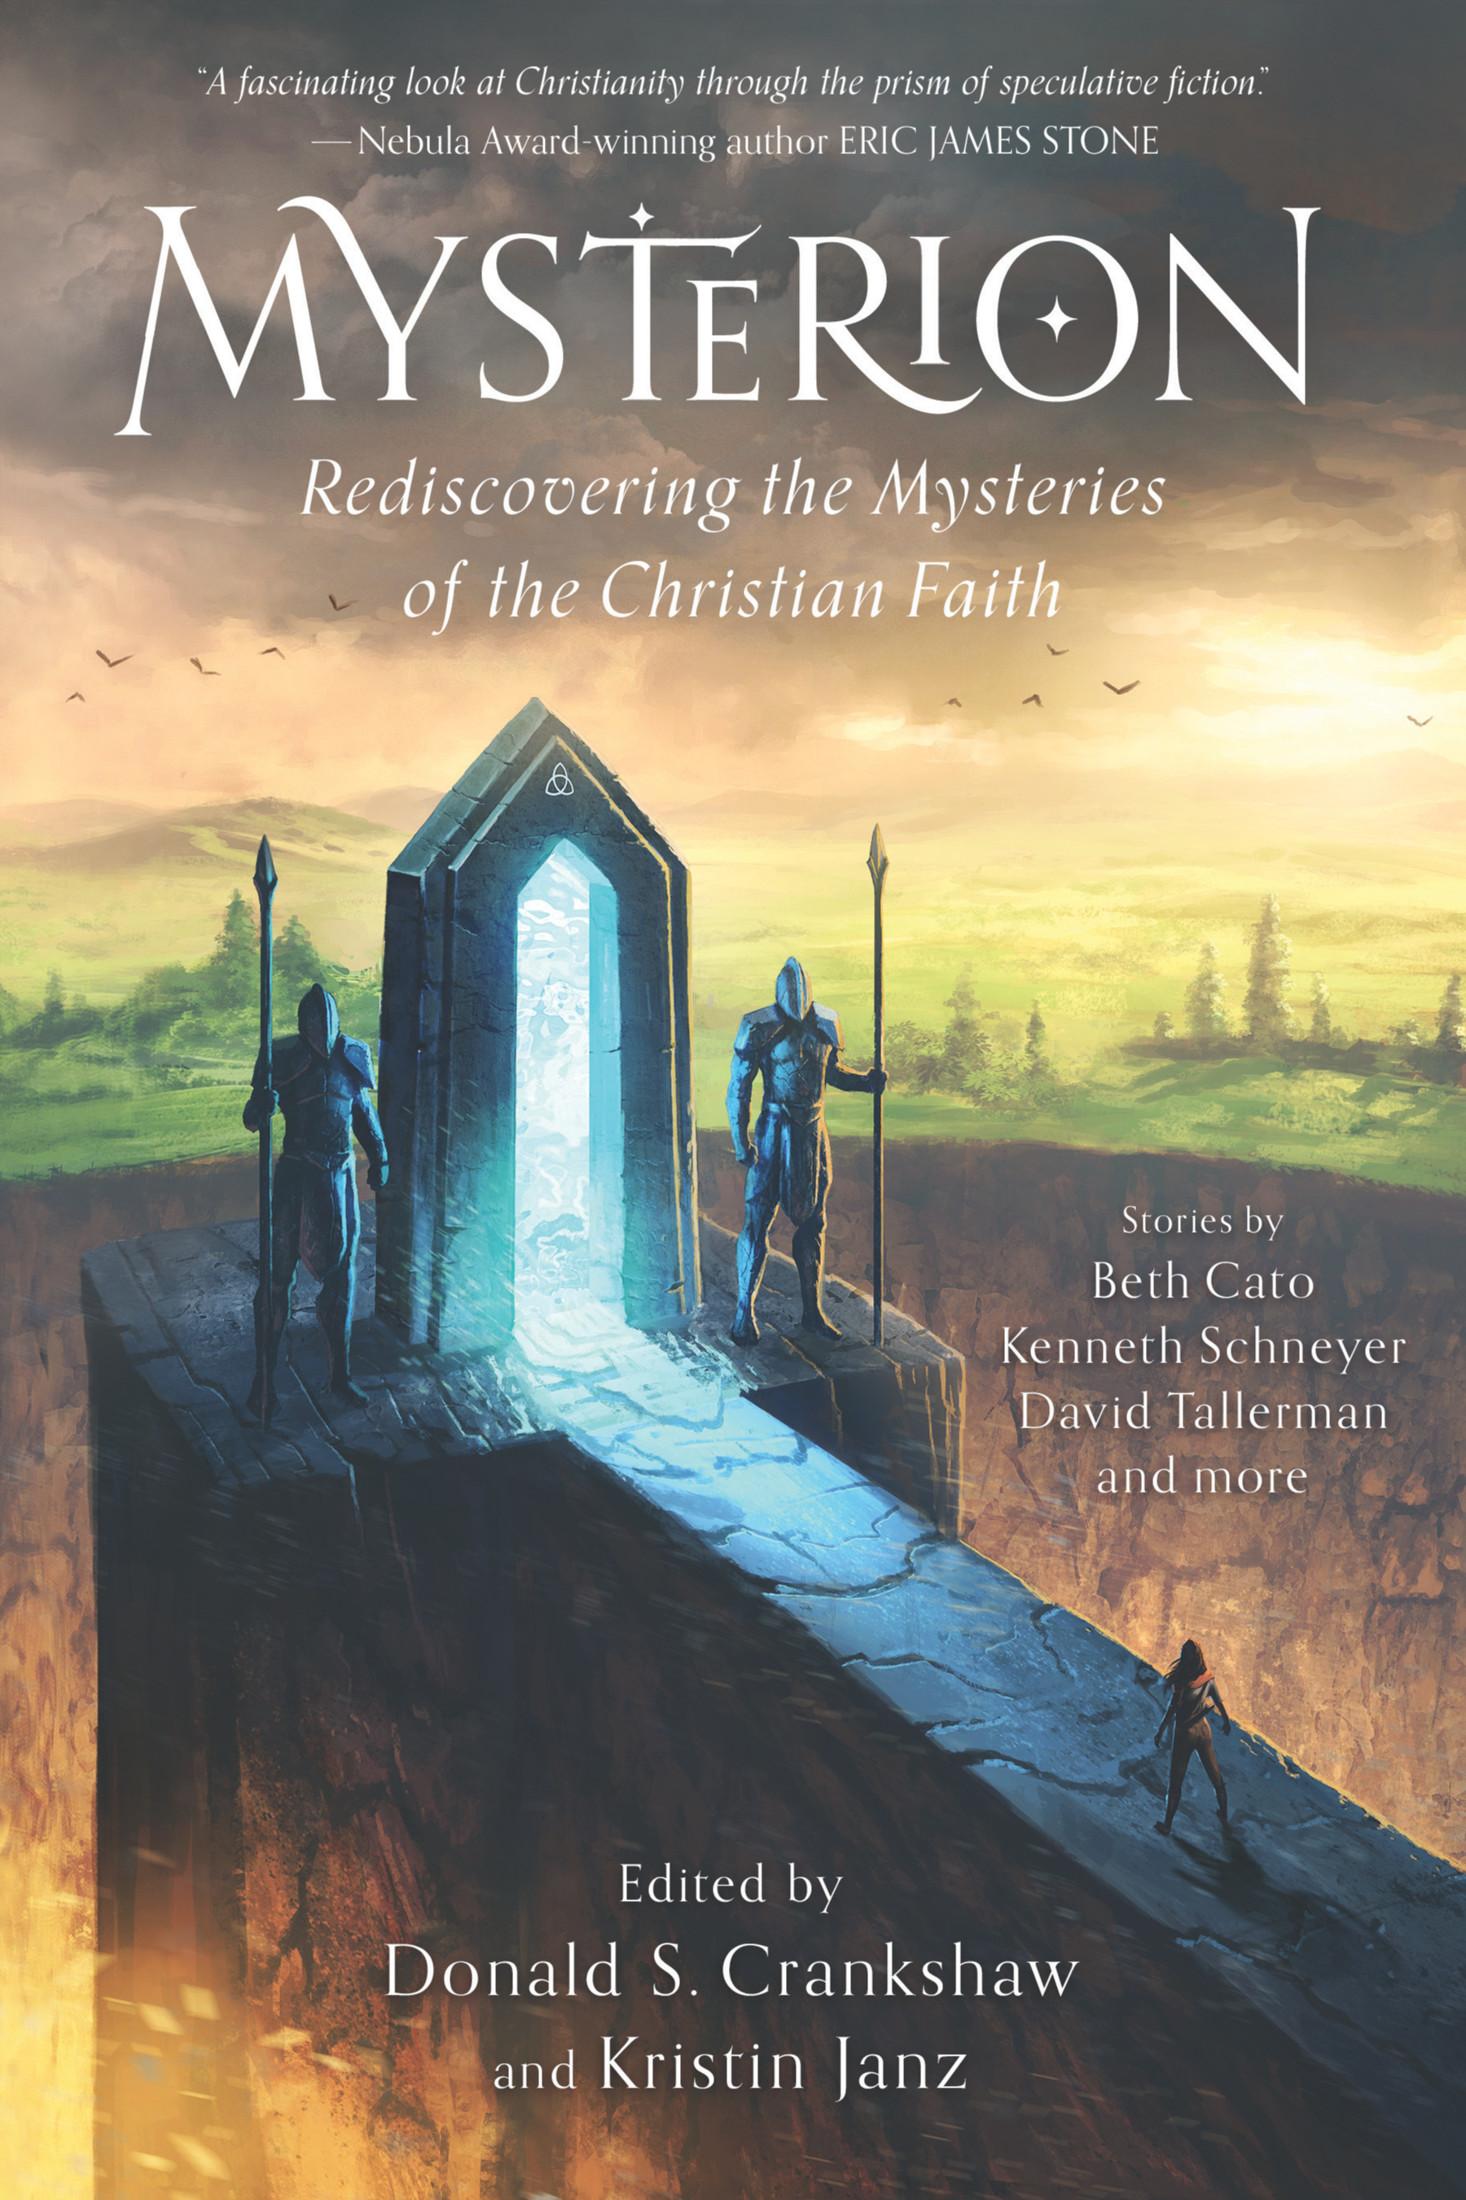 Donald Crankshaw & Krisitn Janz, eds. - Mysterion